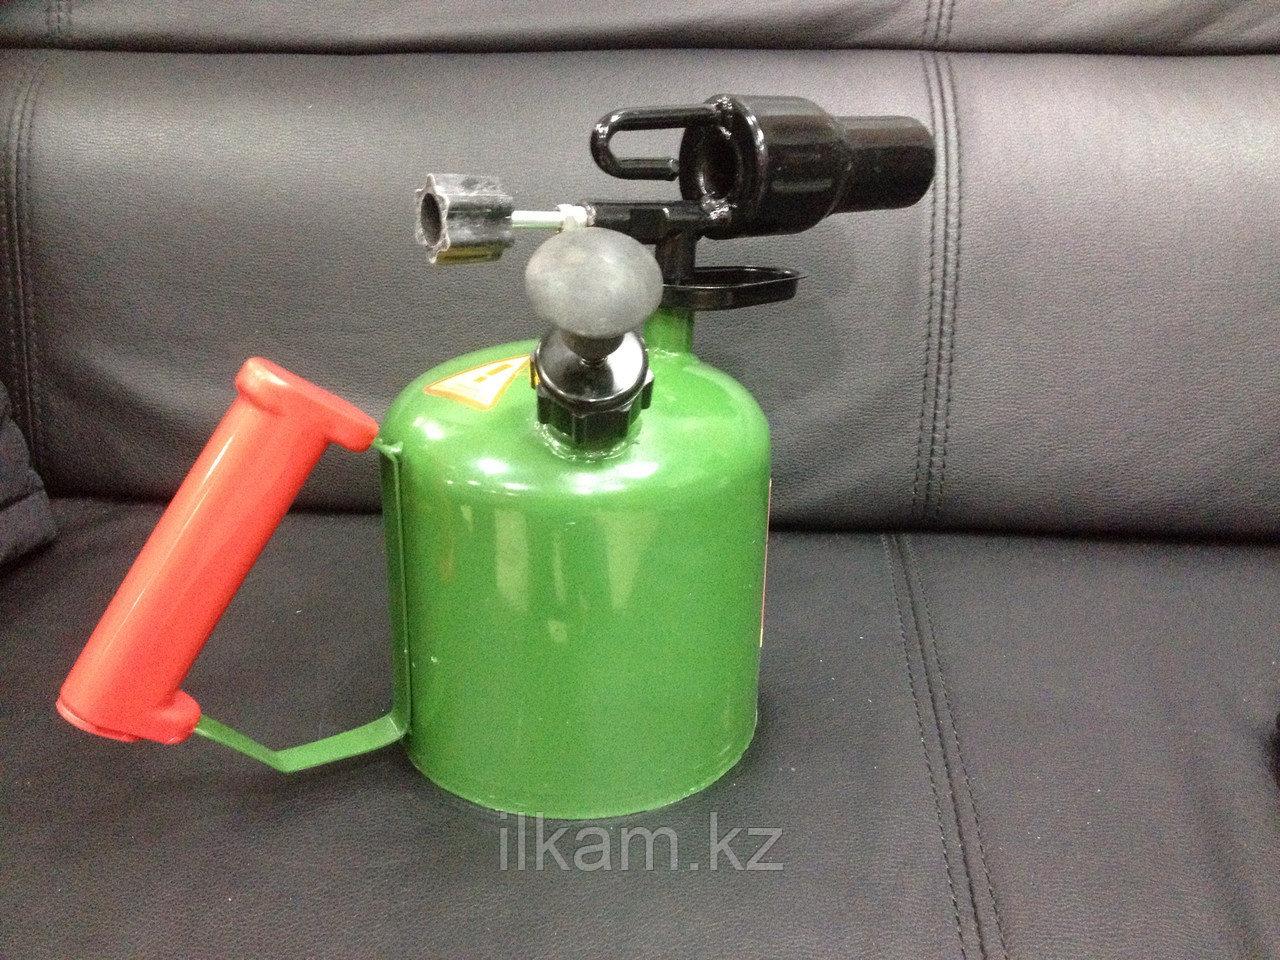 Лампа паяльная бензиновая 2л